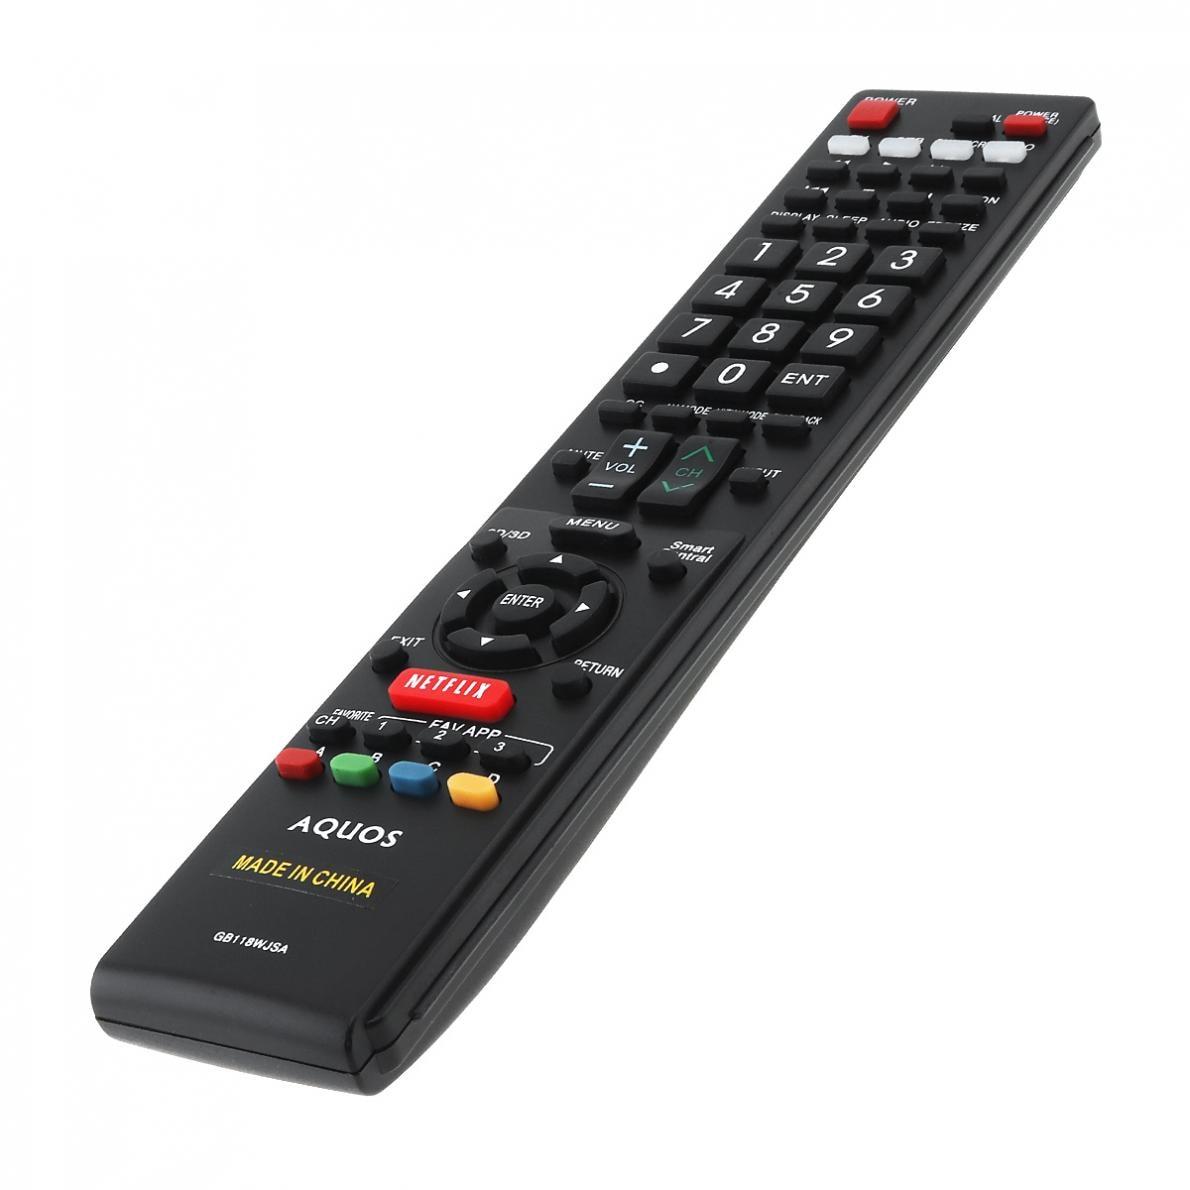 GB118WJSA NEW Replaced Remote Control SHARP AQUOS TV GB005WJSA GA890WJSA